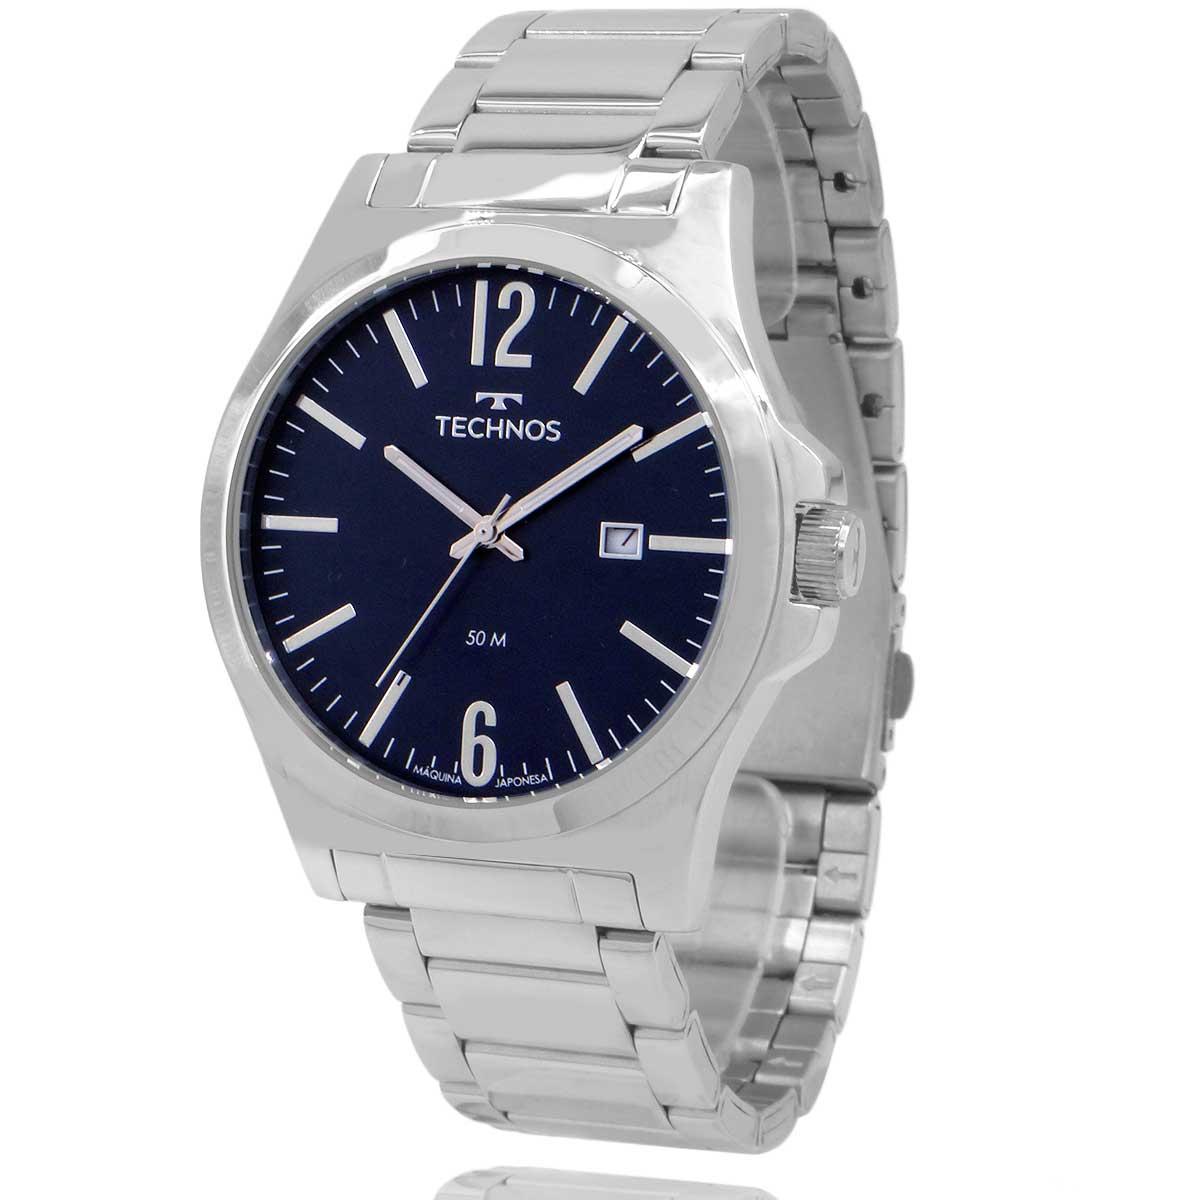 Relógio Technos Masculino Prata e Azul com Carteira Lebrave 2115LAY1A